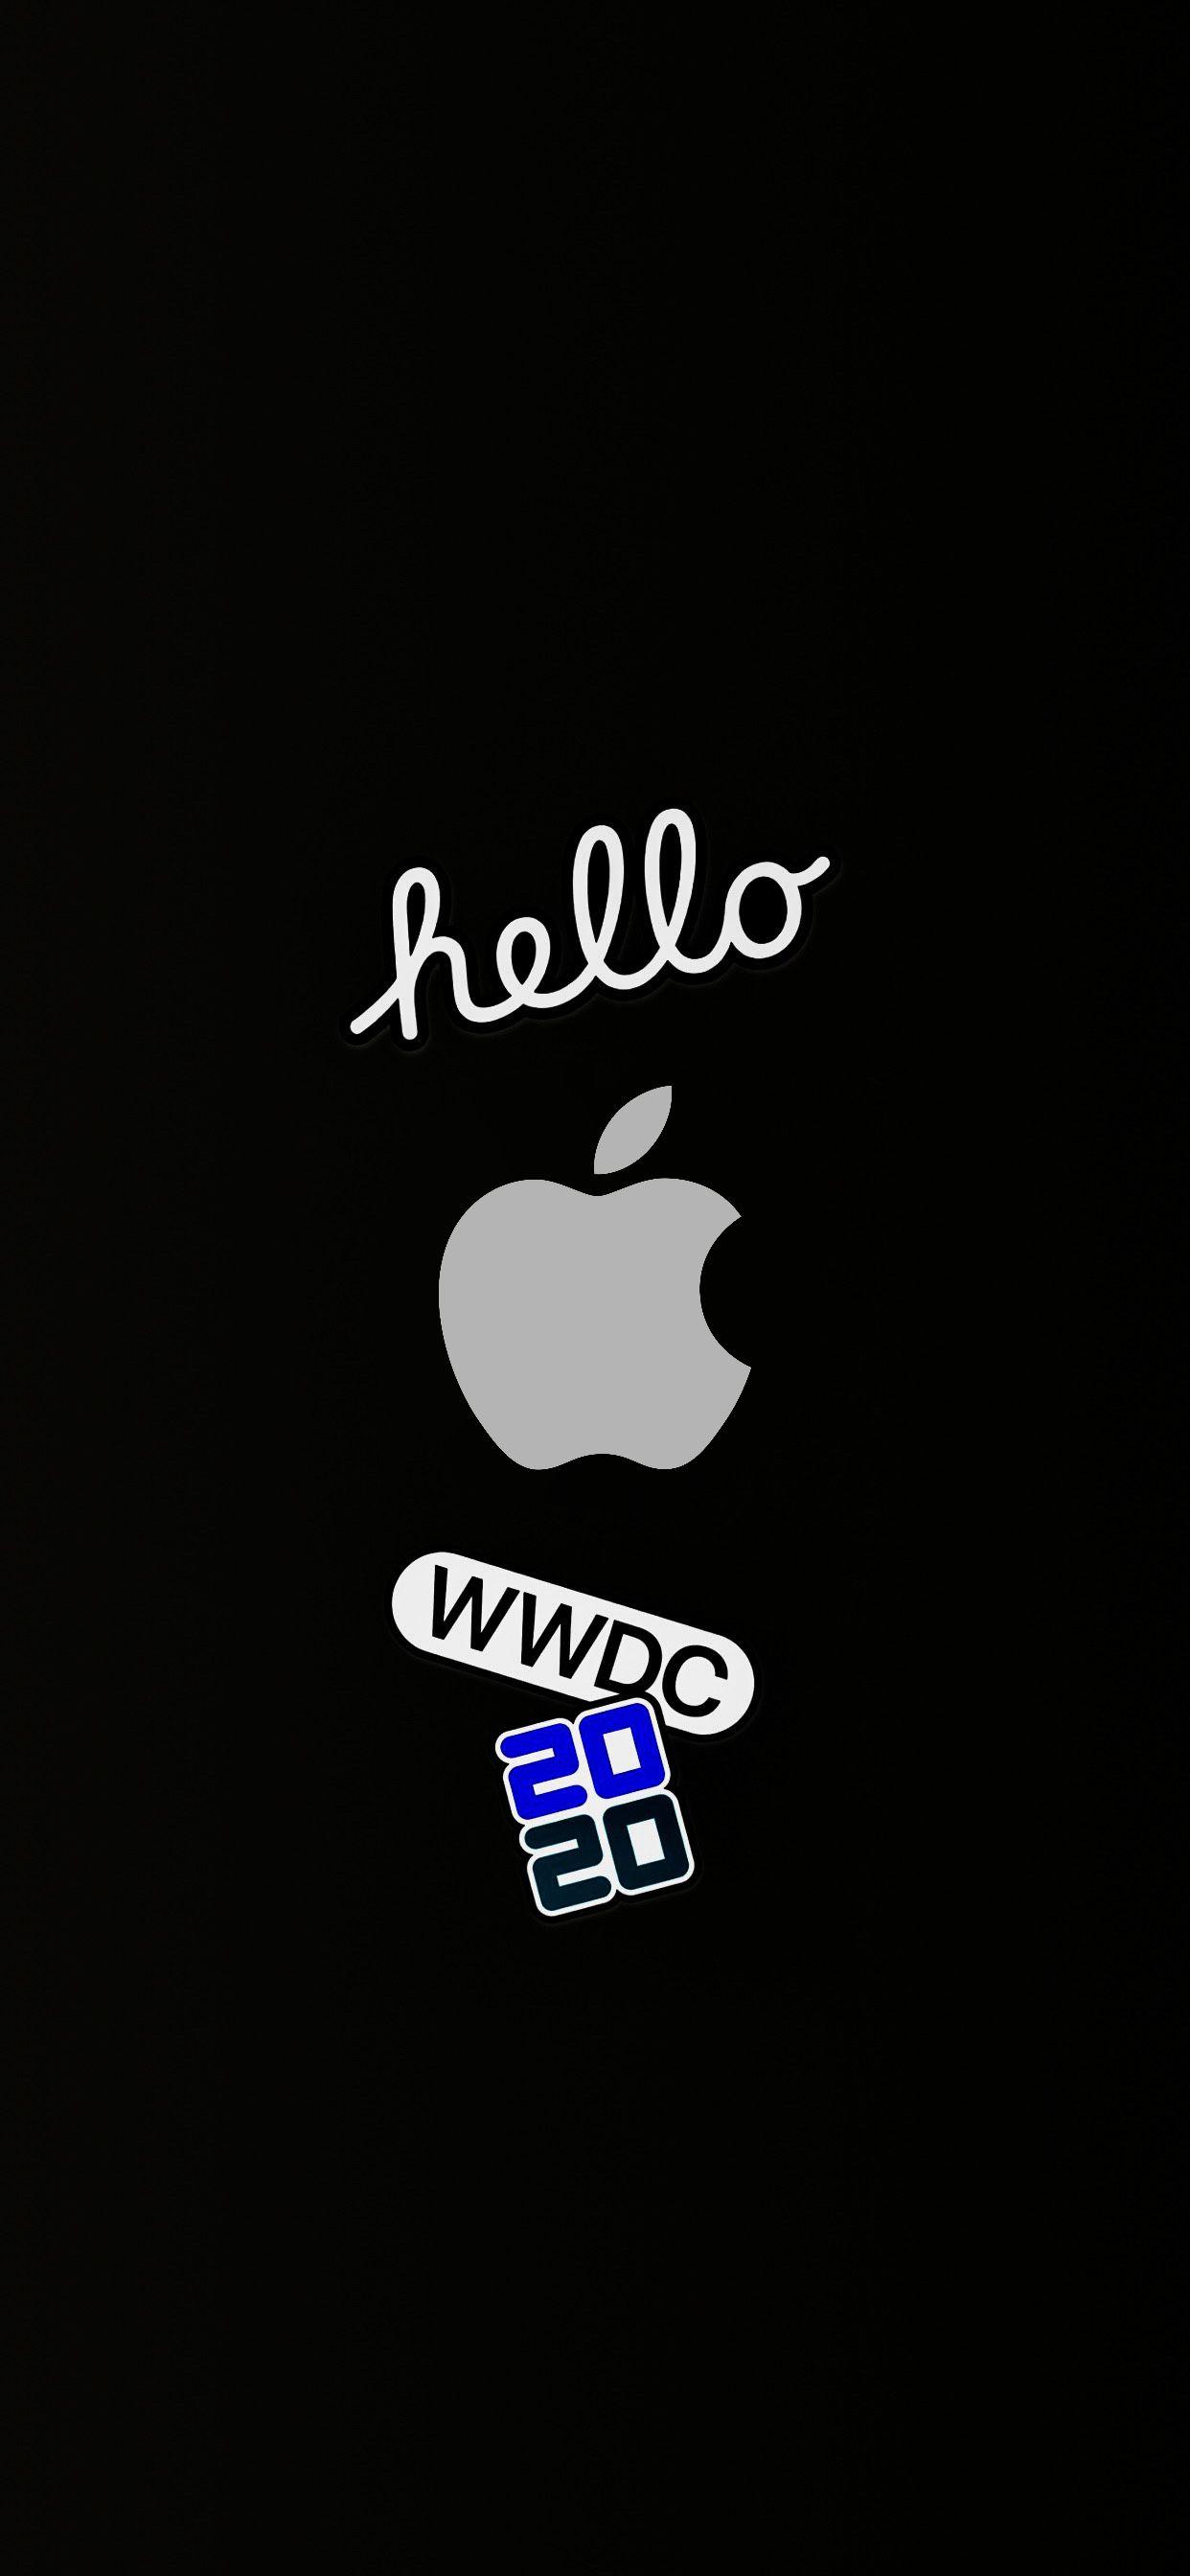 Wwdc 2020 In 2021 Iphone Lockscreen Wallpaper Apple Wallpaper Iphone Apple Wallpaper